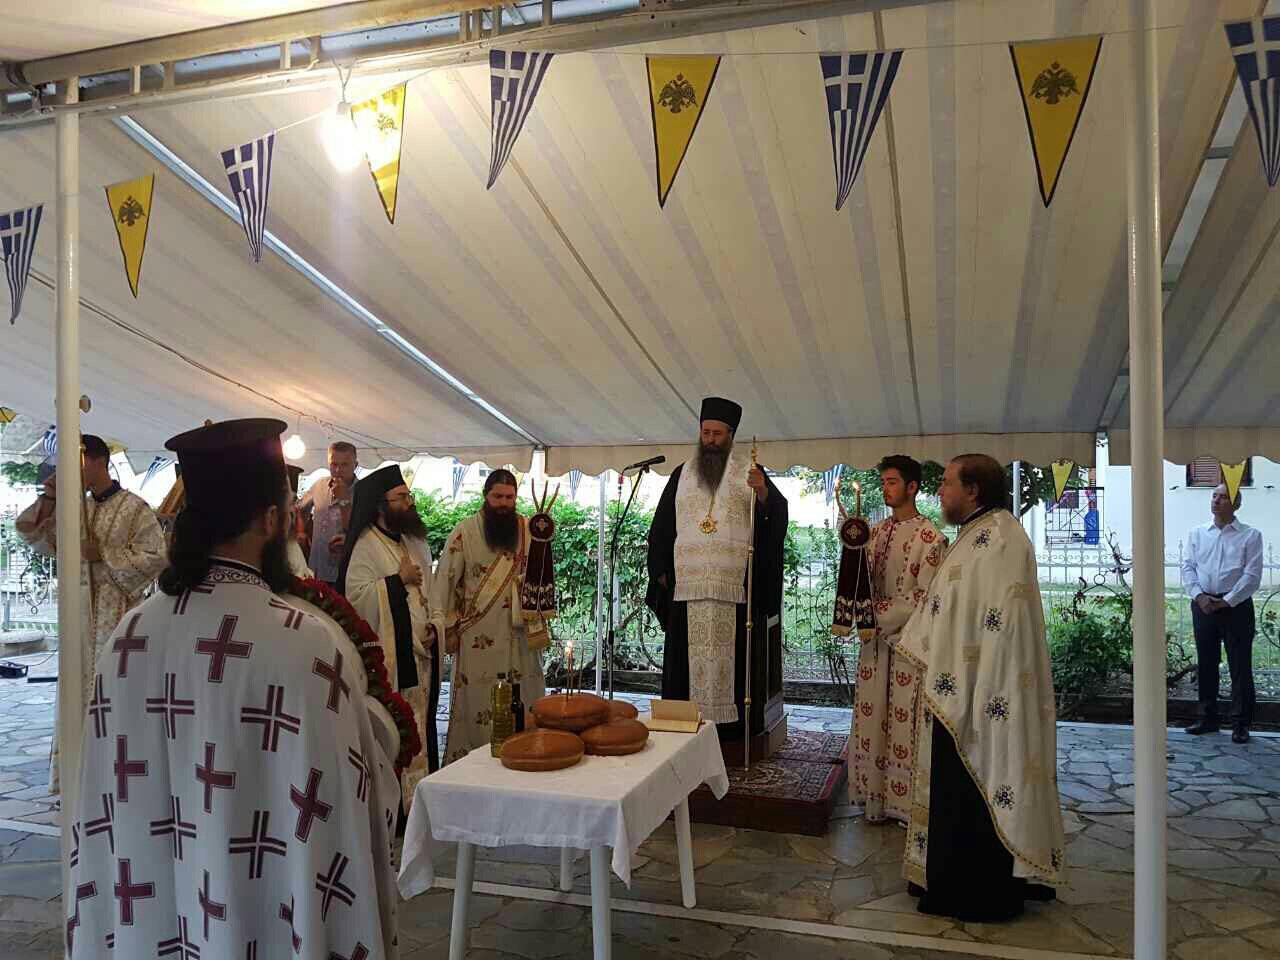 εορτή αποστόλου παυλου και πετρου κίτρους 2017